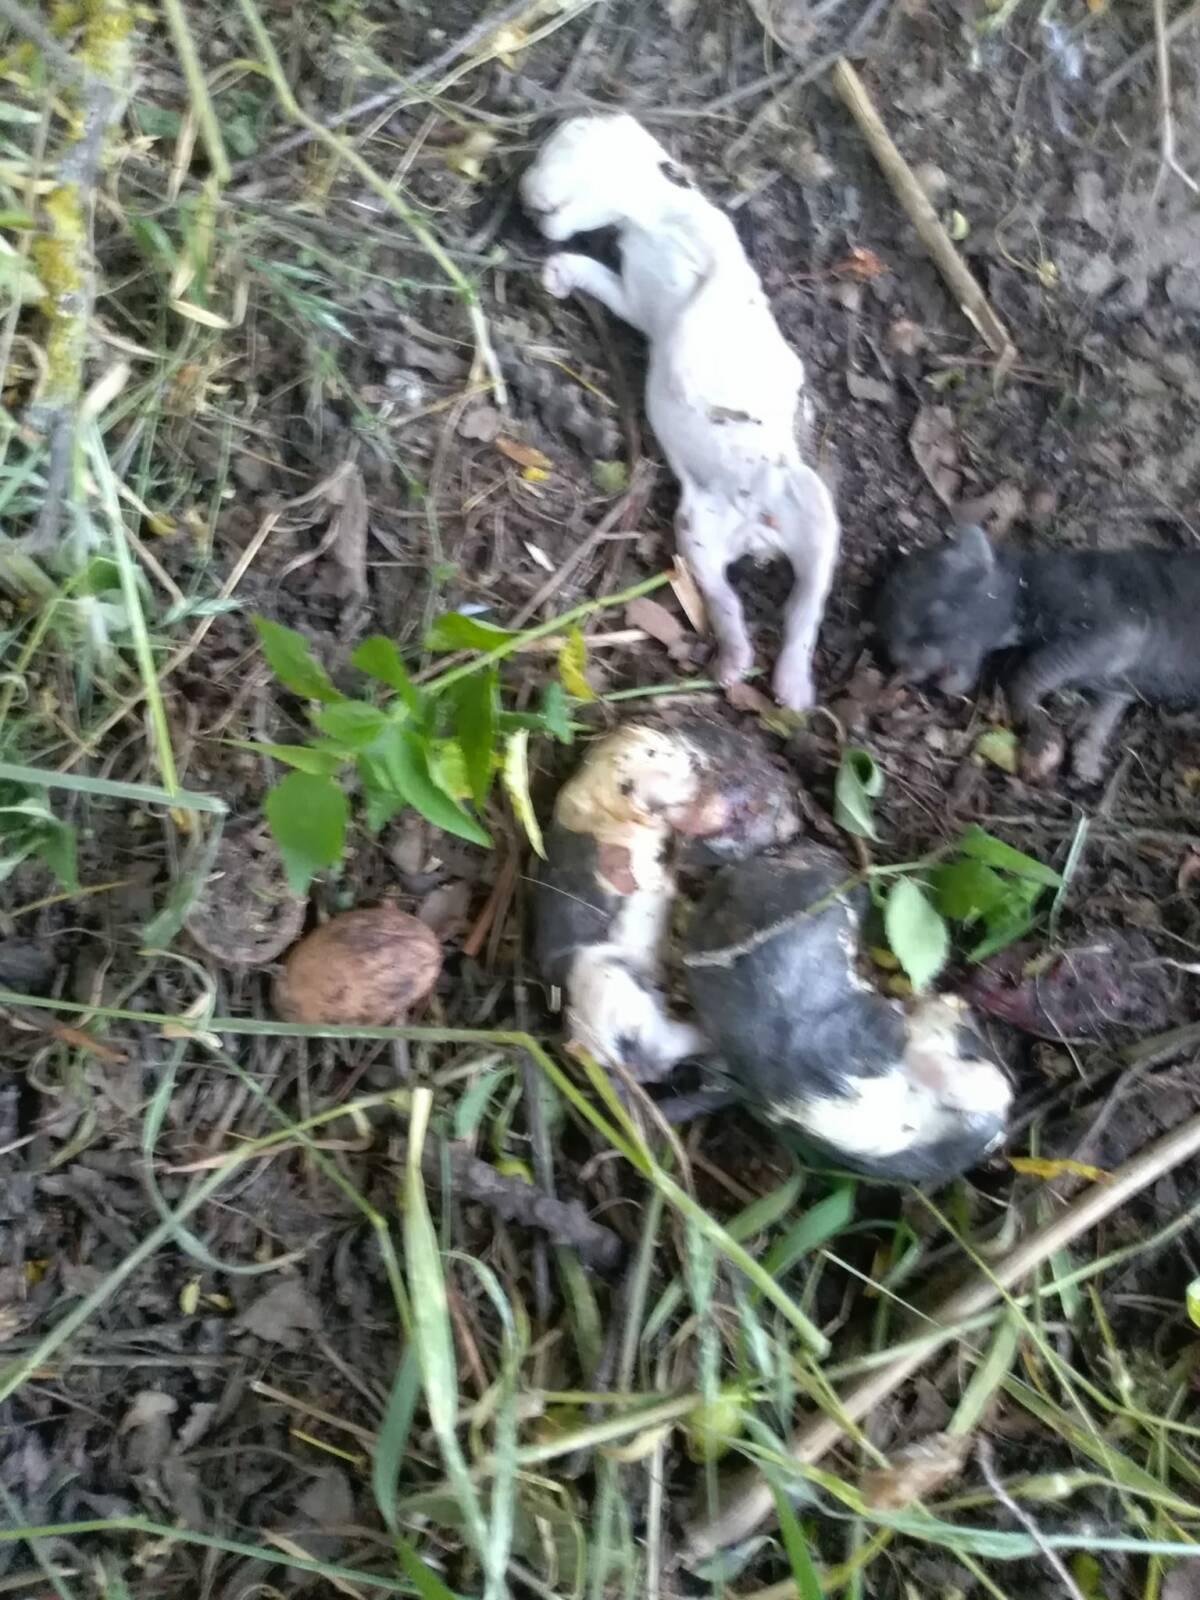 Jabłkowo: Znaleziono 5 martwych kociąt obok placu zabaw. Ktoś wyrzucił je tuż po porodzie